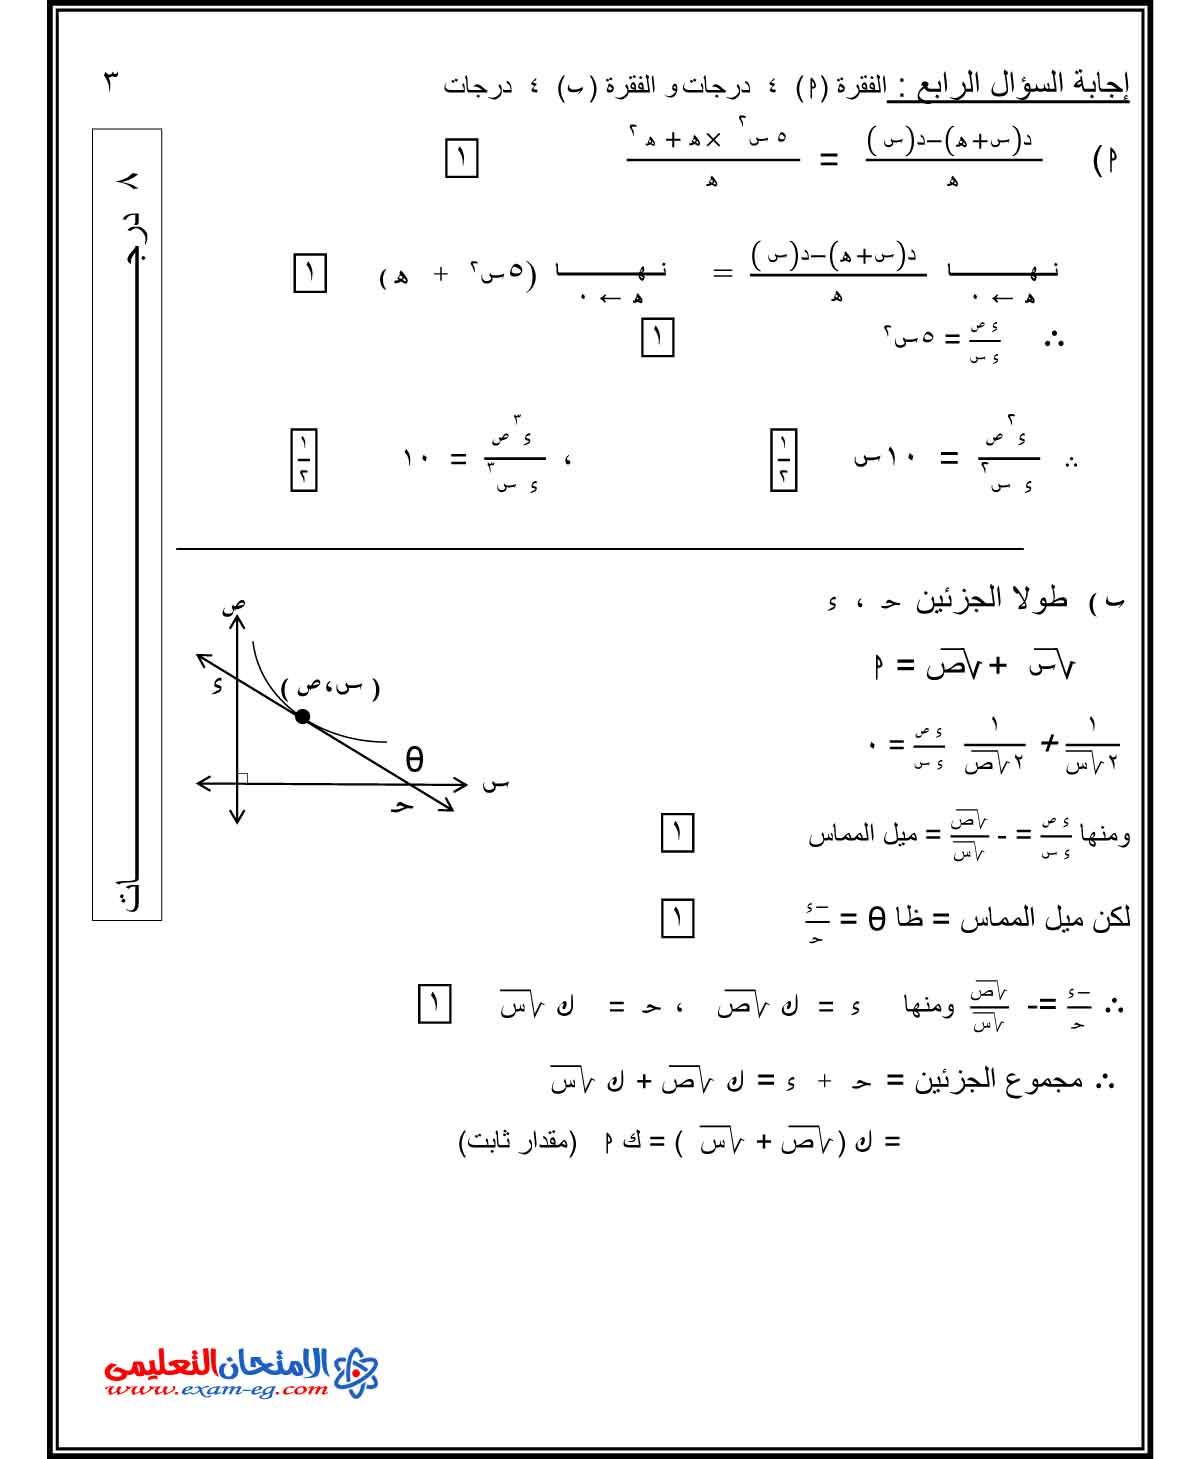 تفاضل وتكامل 1 - الامتحان التعليمى-5